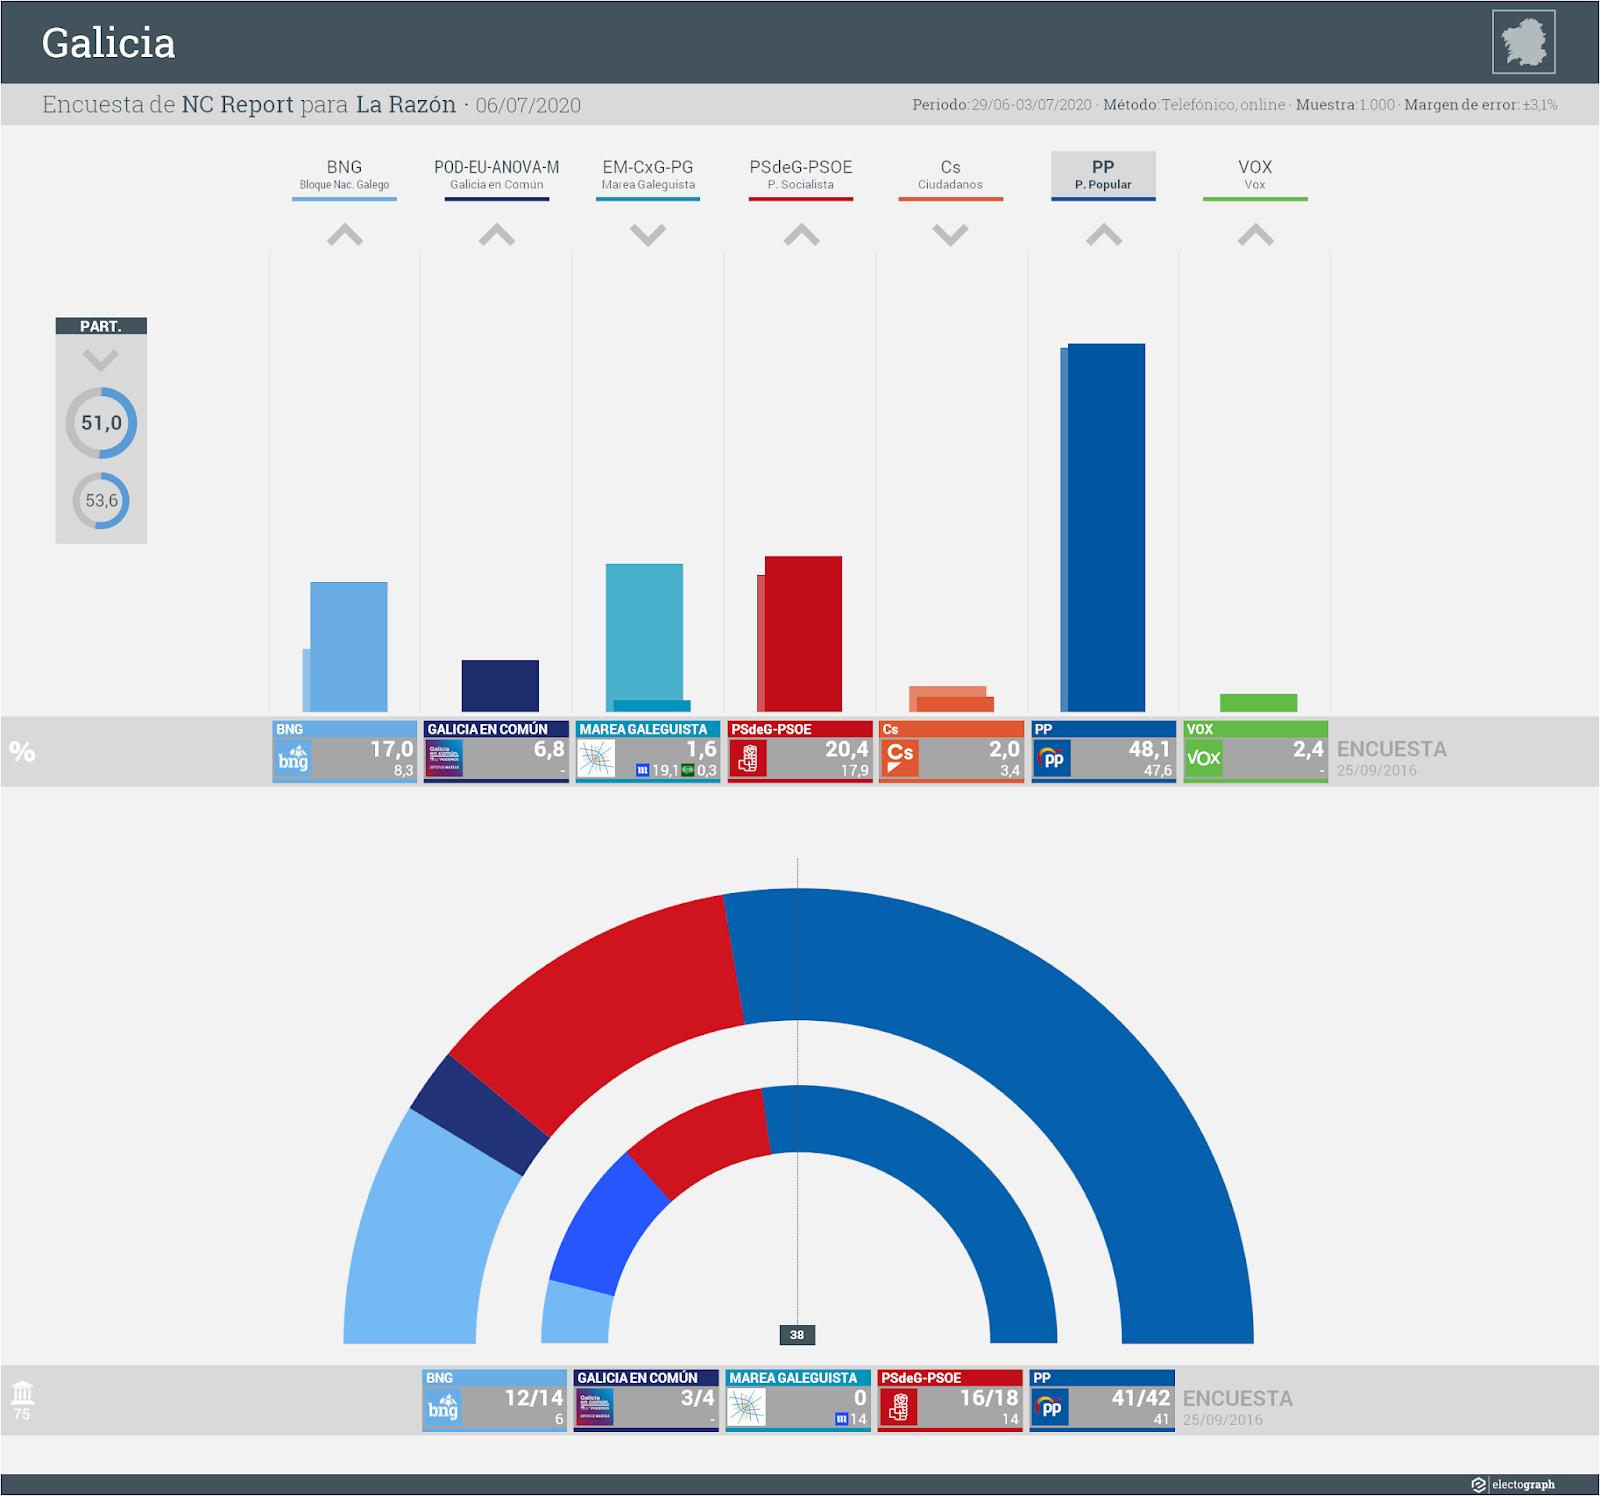 Gráfico de la encuesta para elecciones autonómicas en Galicia realizada por NC Report para La Razón, 6 de julio de 2020